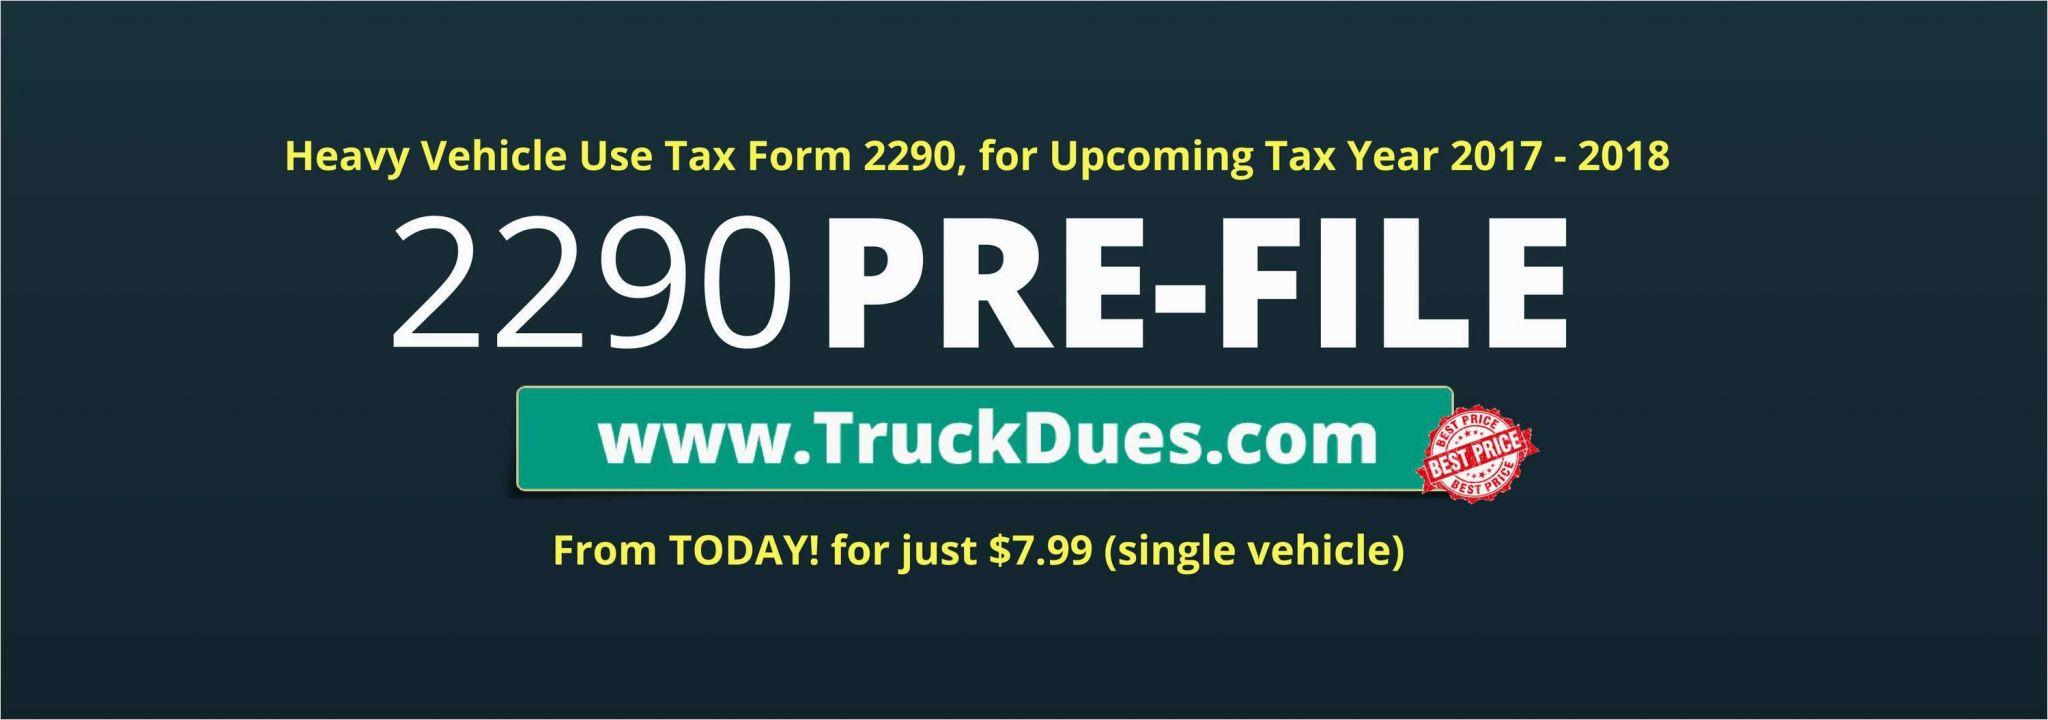 Pre File Form 2290